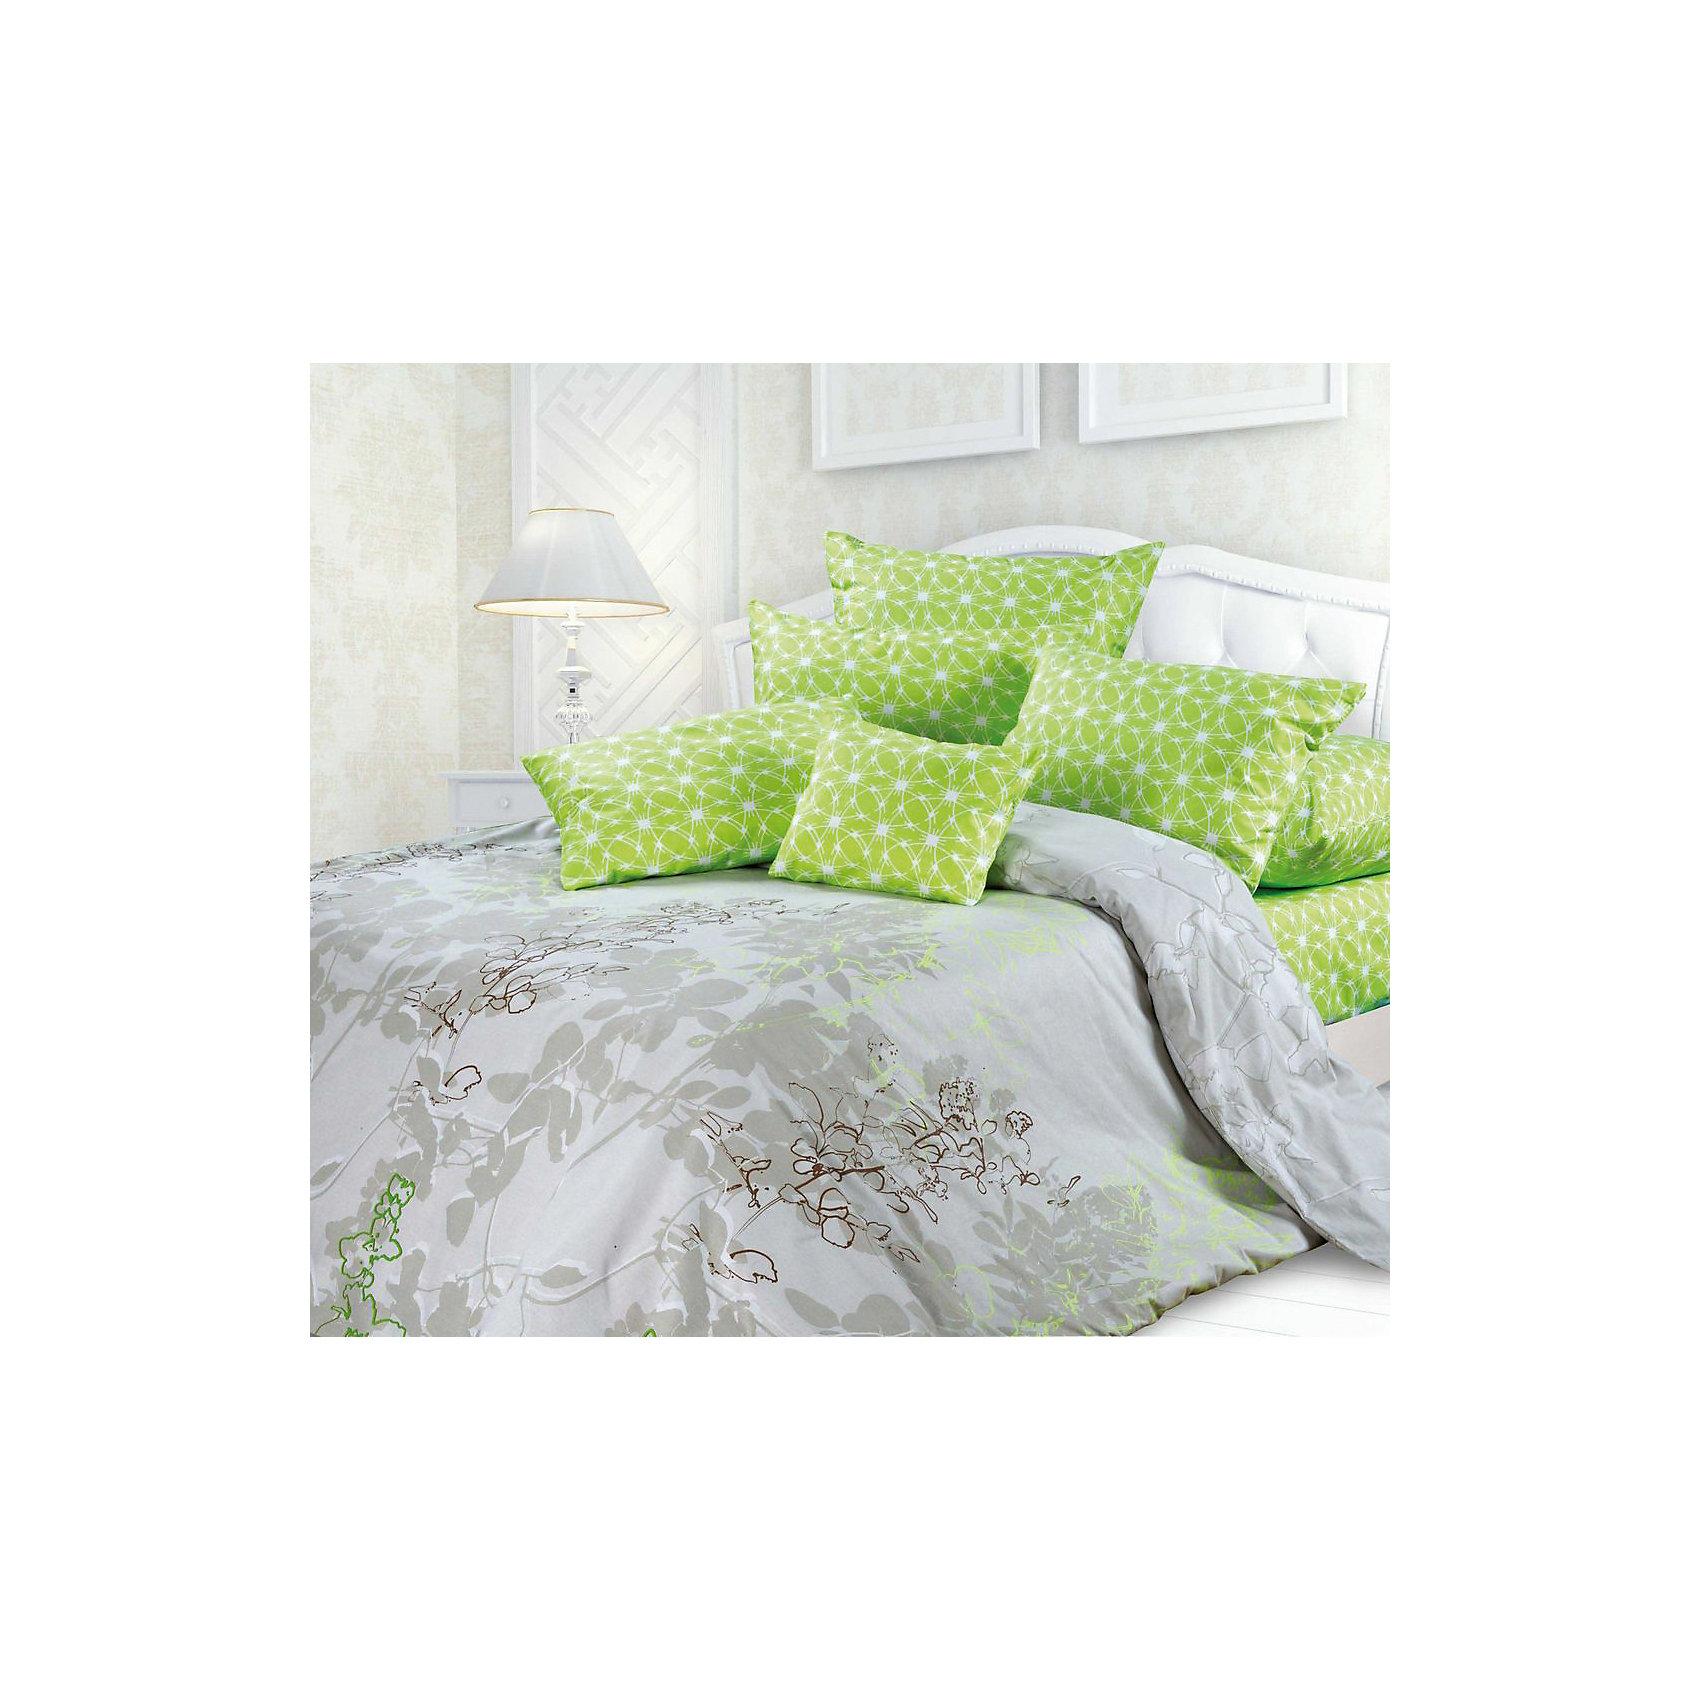 Постельное белье 1,5 сп. Милена, Унисон биоматинДомашний текстиль<br>Характеристики 1,5 спального постельного белья   Милена  серии  (Унисон):<br> <br>- производитель: Неотек<br>- материал: биоматин<br>- состав: 100% хлопок<br>- размер комплекта: полутораспальный<br>- размер пододеяльника: 215*145 см.<br>- размер простыни: 220*150 см.<br>- размер наволочек: 70*70 (2 шт)<br>- упаковка комплекта: книжка пвх<br>- страна бренда: Россия<br>- страна производитель: Россия<br><br>Свежий, весенний комплект постельного белья Милена сочетает в себе пододеяльник в пастельных тонах, украшенный ненавязчивым цветочным рисунком яркие наволочки и простыню цвета зеленого яблока. Комплект изготовлен из современной хлопковой ткани – биоматина, который обладает всеми положительными качествами хлопчатобумажной ткани: прочность, гигроскопичность, воздухопроницаемость, долговечность. Особенность этого материала заключается в его свойствах – летом, в жару, он сохраняет приятную прохладу, а зимой наоборот – дарит комфорт и уют, что так необходимо для полноценного сна! Ткань биоматин экологически безопасна как для взрослых, так и для детей,  также она является гипоаллергенной. При обработке биоматина четко соблюдаются принципы охраны окружающей среды и защиты здоровья.В комплект входит простыня, пододеяльник и две наволочки.<br><br>Комплекта постельного белья   Милена  серии Унисон можно купить в нашем интернет-магазине.<br><br>Ширина мм: 370<br>Глубина мм: 70<br>Высота мм: 370<br>Вес г: 1400<br>Возраст от месяцев: 36<br>Возраст до месяцев: 216<br>Пол: Унисекс<br>Возраст: Детский<br>SKU: 5100106